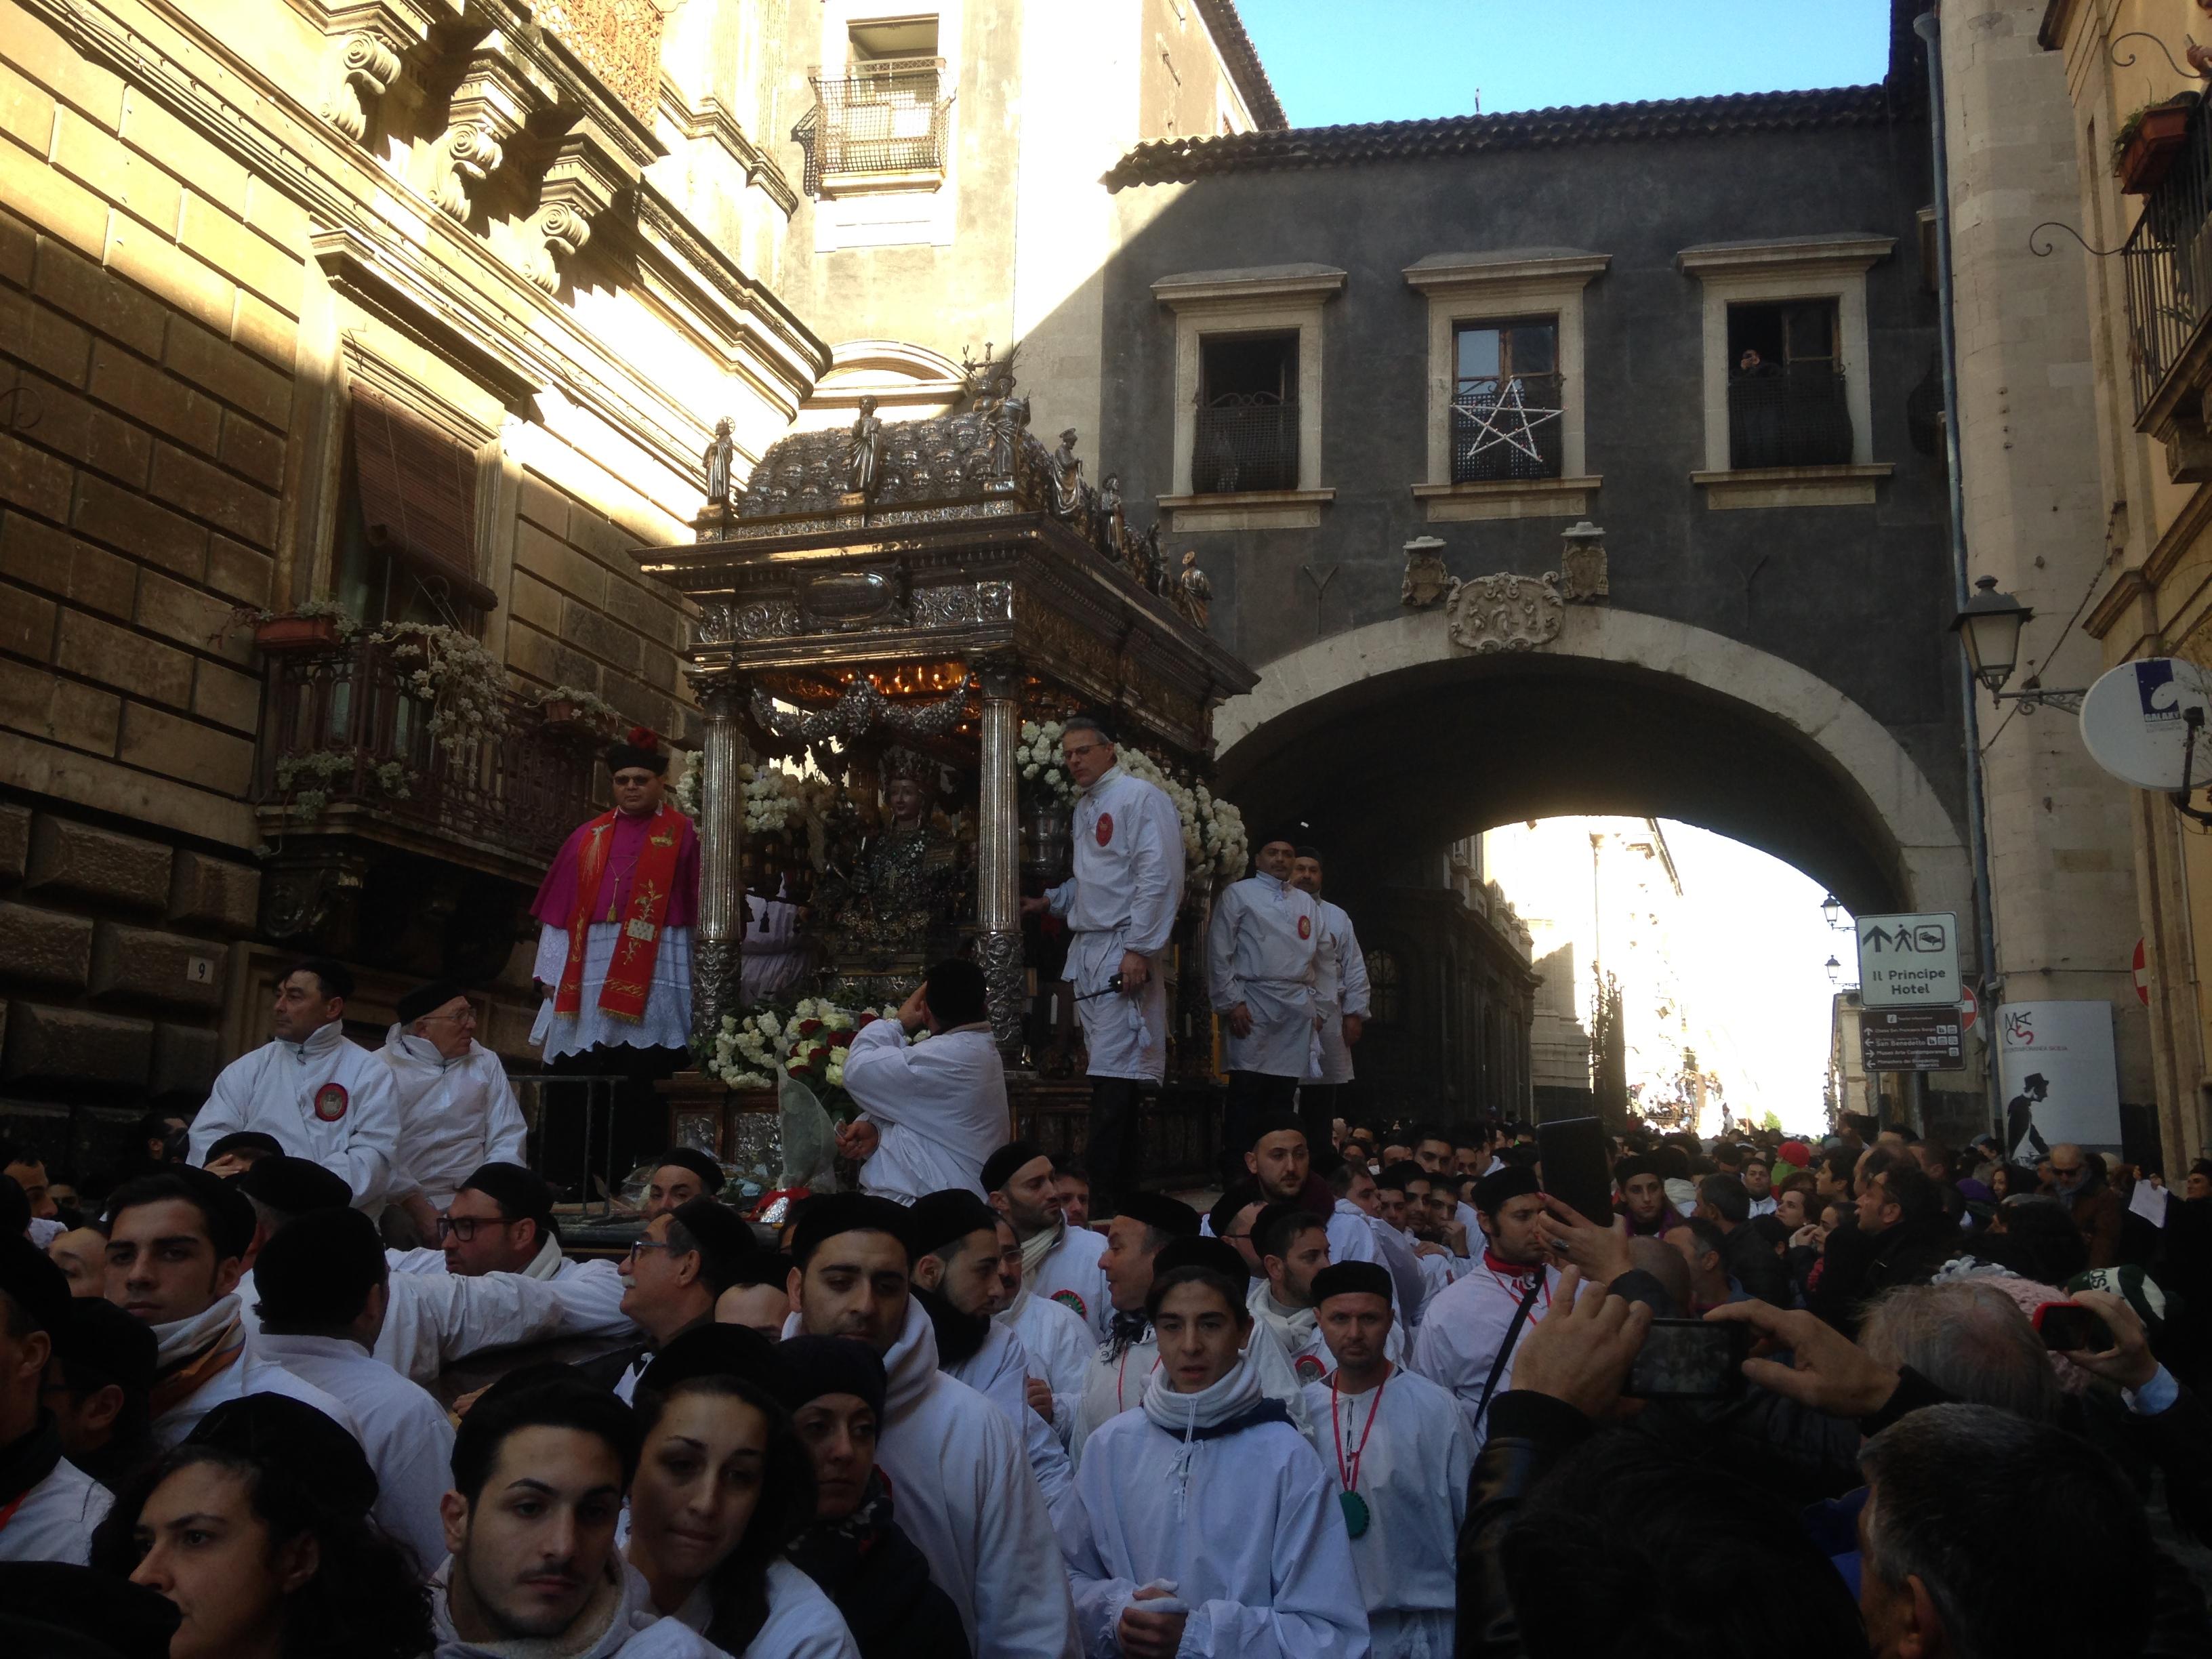 Catania - S.Agata's Festival